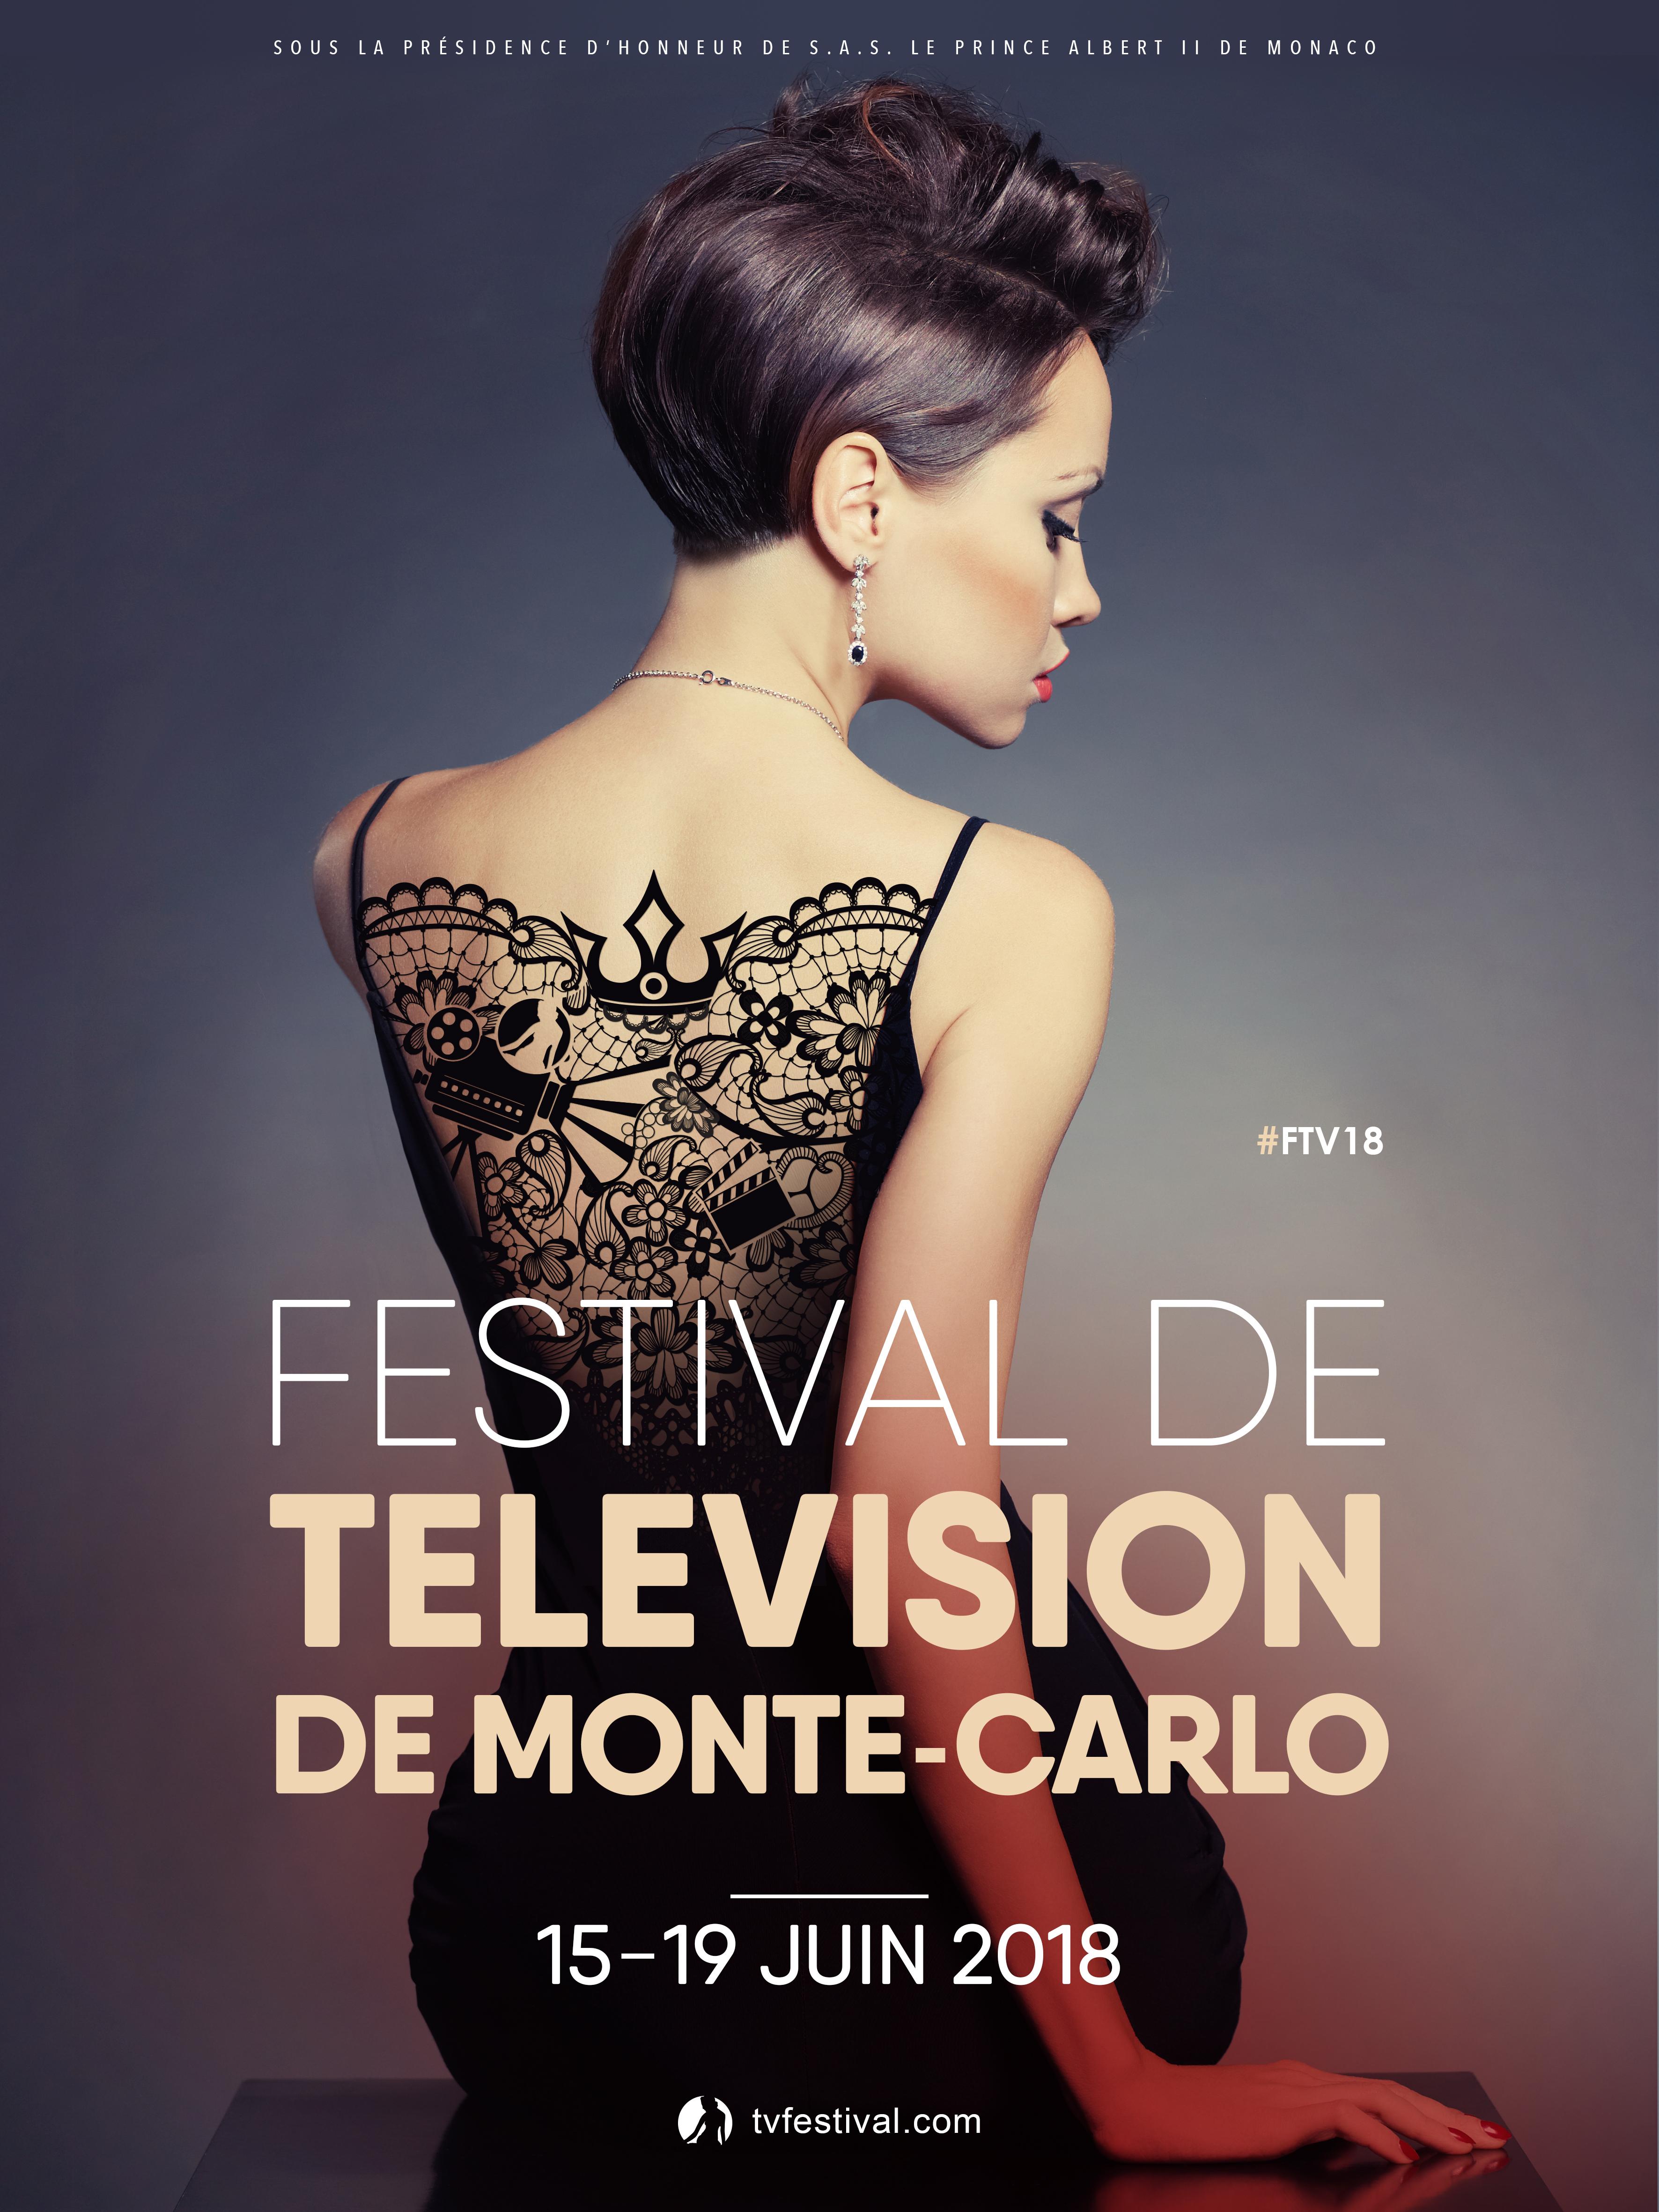 Monte-Carlo Television Festival News MONACO